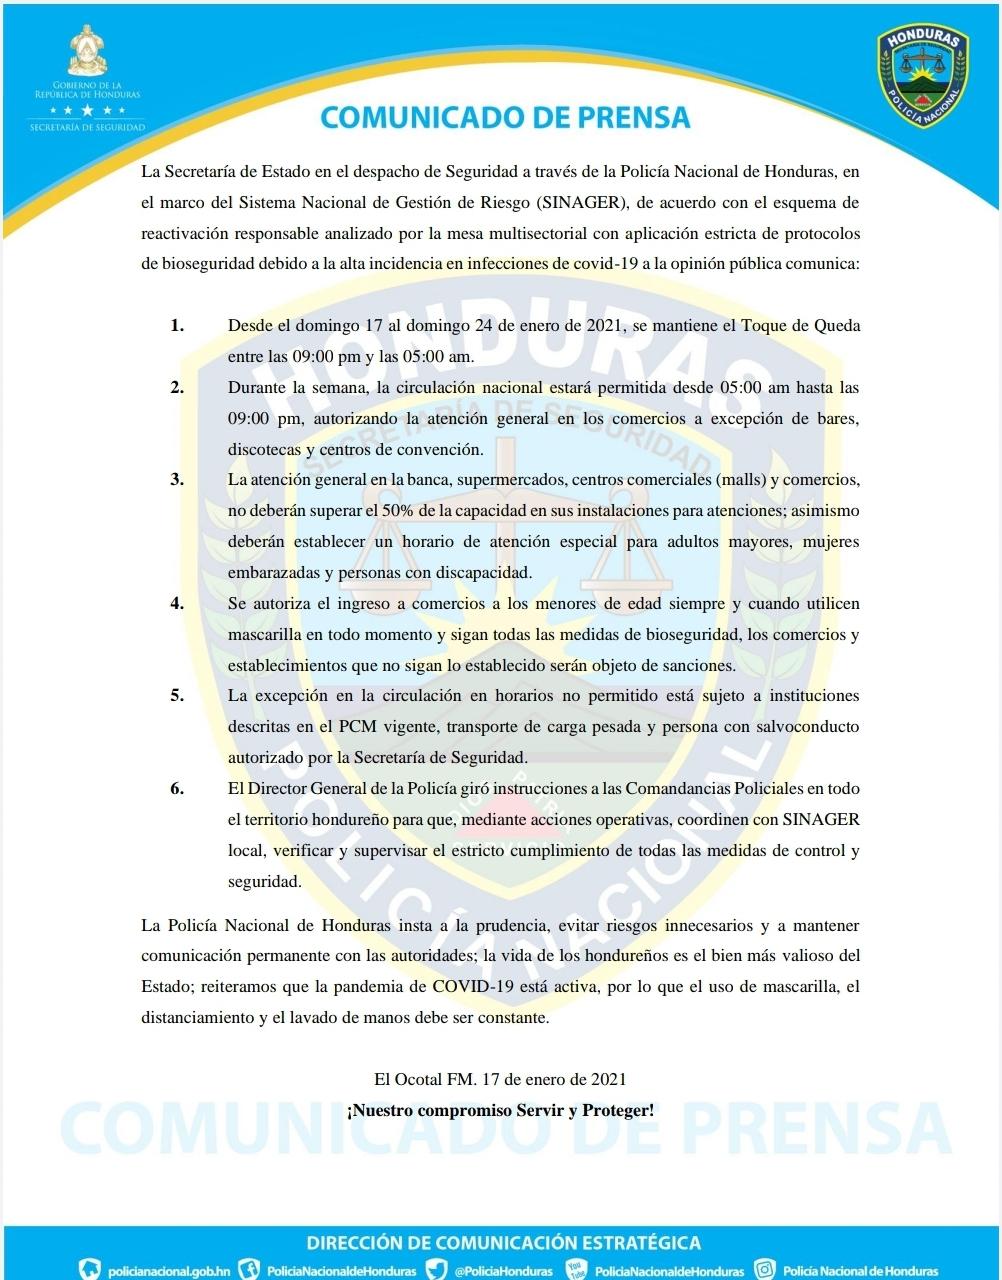 SINAGER autoriza ingreso de infantes al  comercio en Honduras